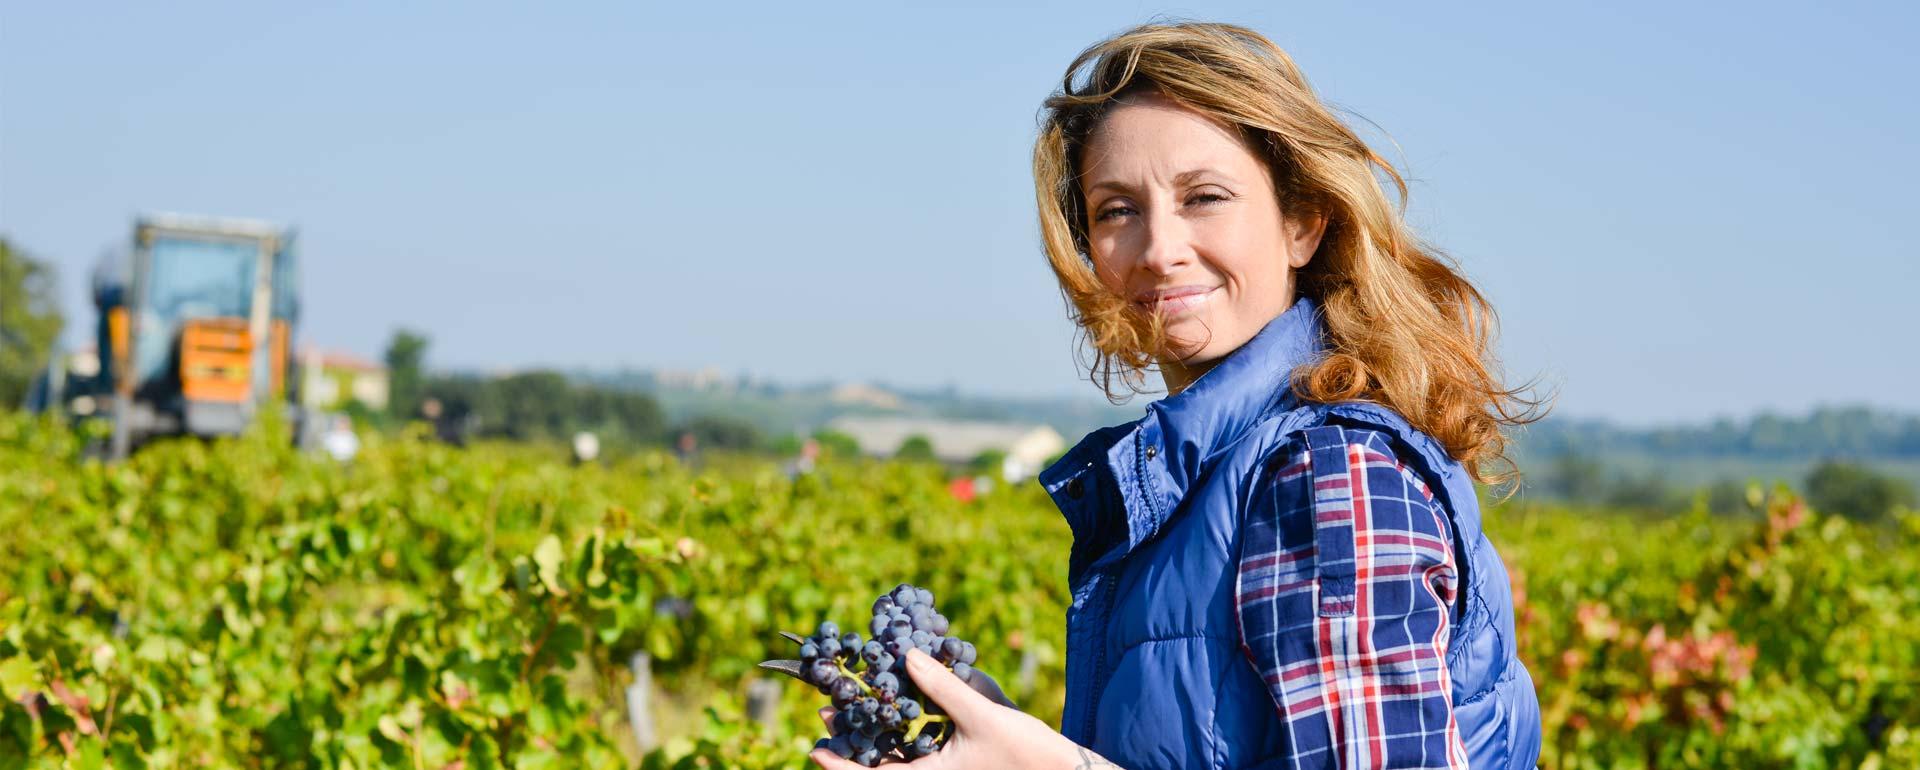 https://giovanisi.it/2018/07/19/agricoltura-sociale-bando-per-progetti-di-inclusione/